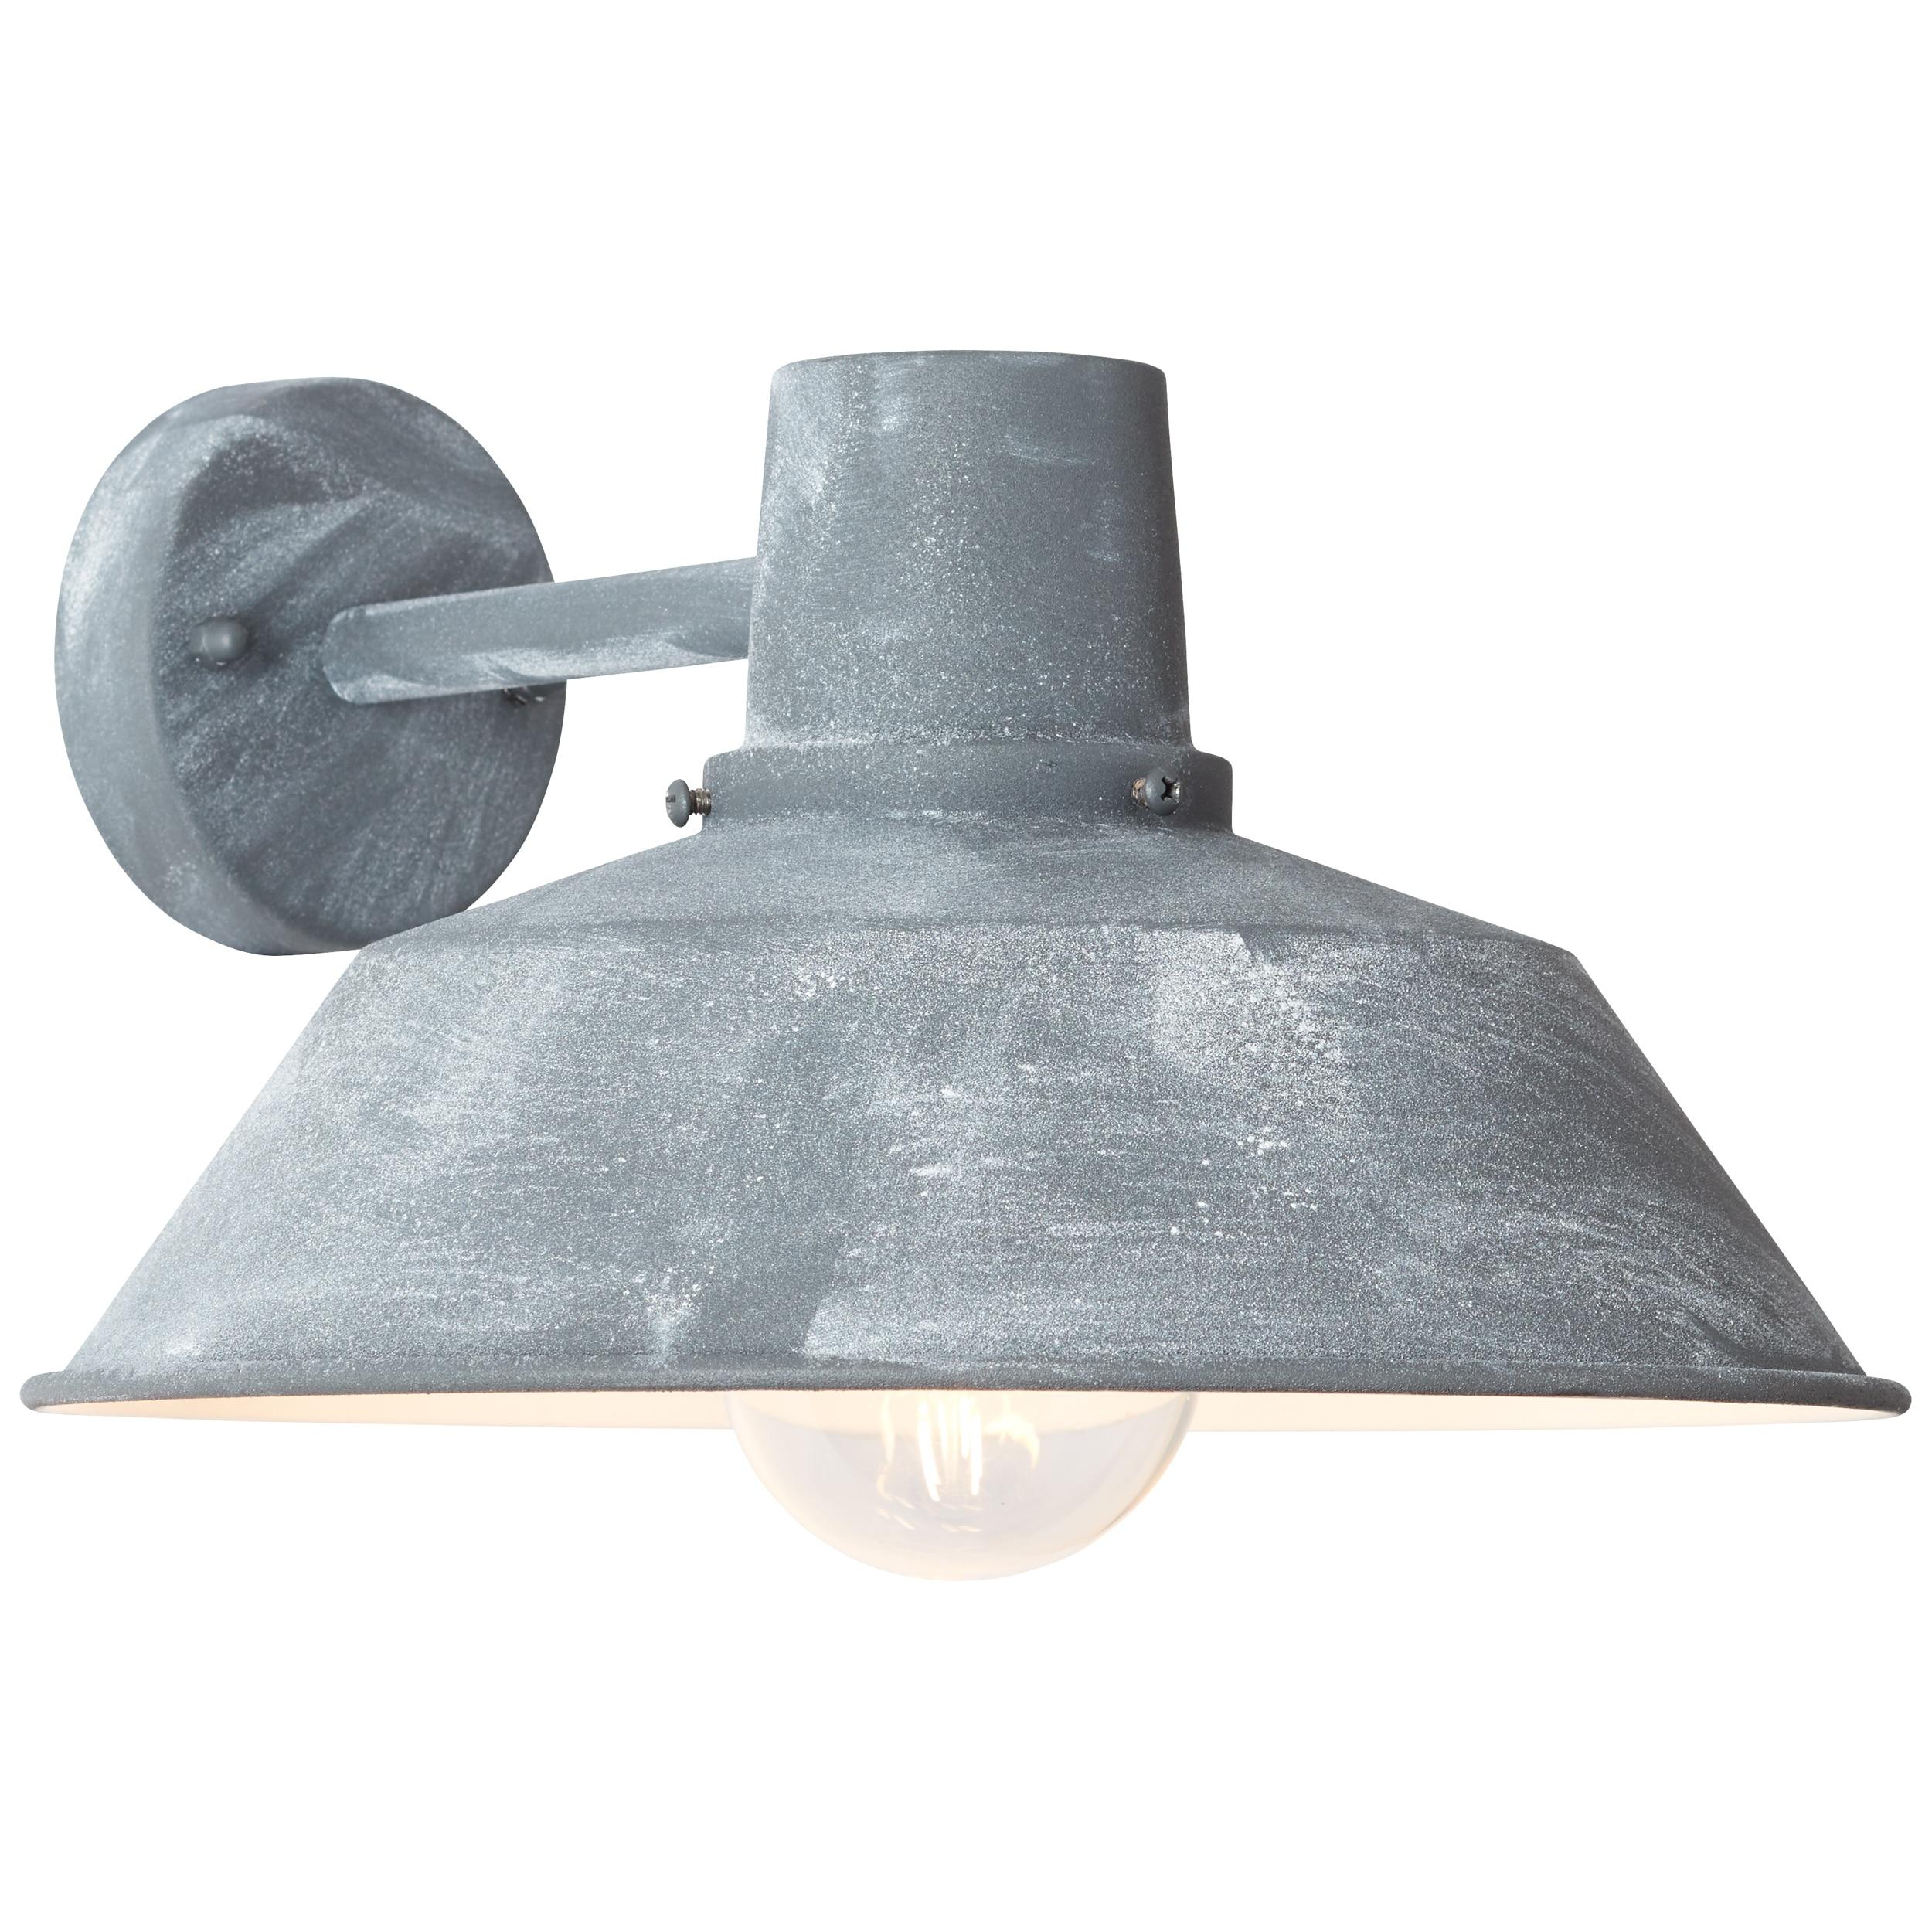 Brilliant Leuchten Humphrey Außenwandleuchte hängend grau Beton